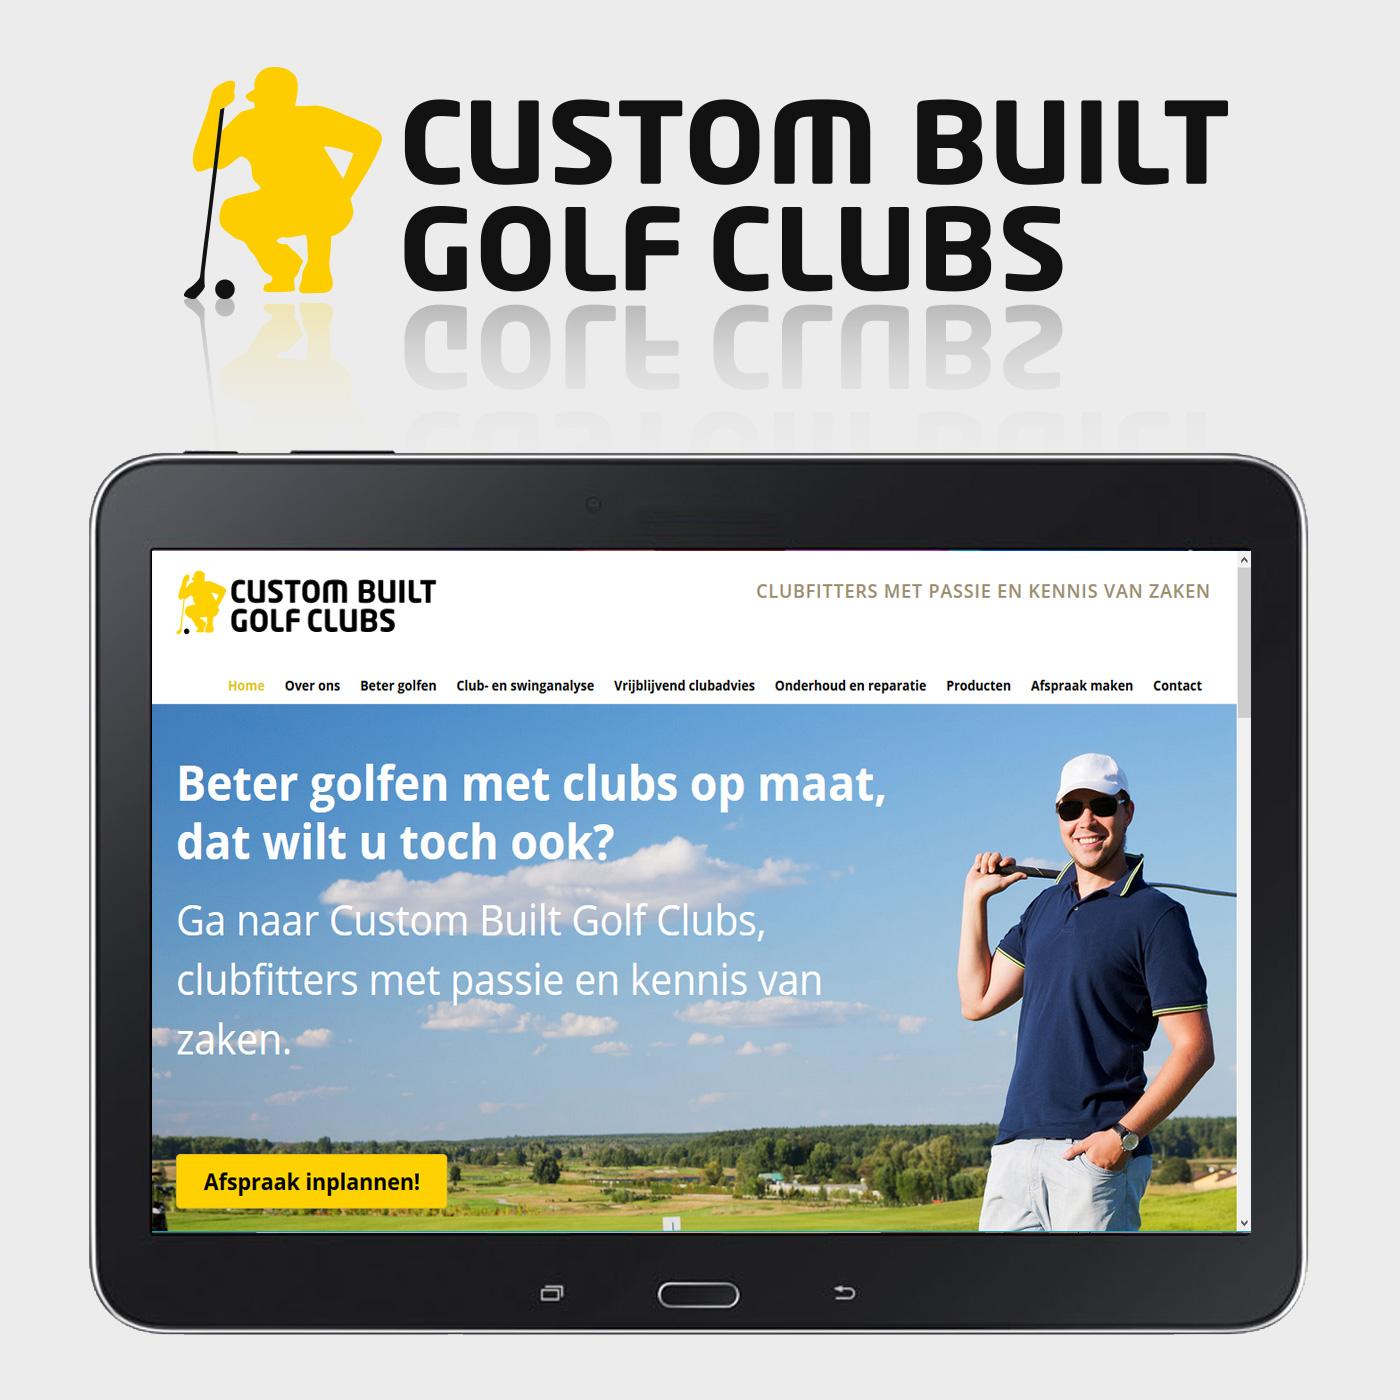 Voor Custom Built Golf Clubs maakte ik o.a. het logo en de website.